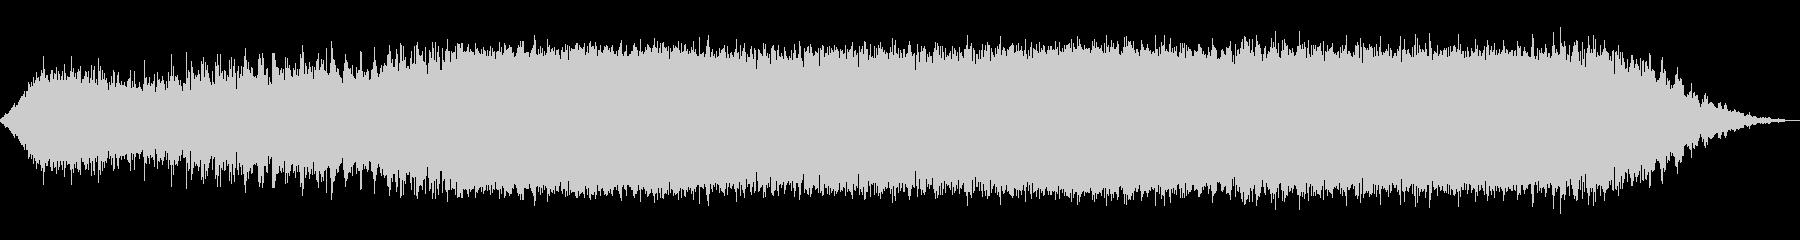 ベルジェットレンジャー:EXT:ア...の未再生の波形